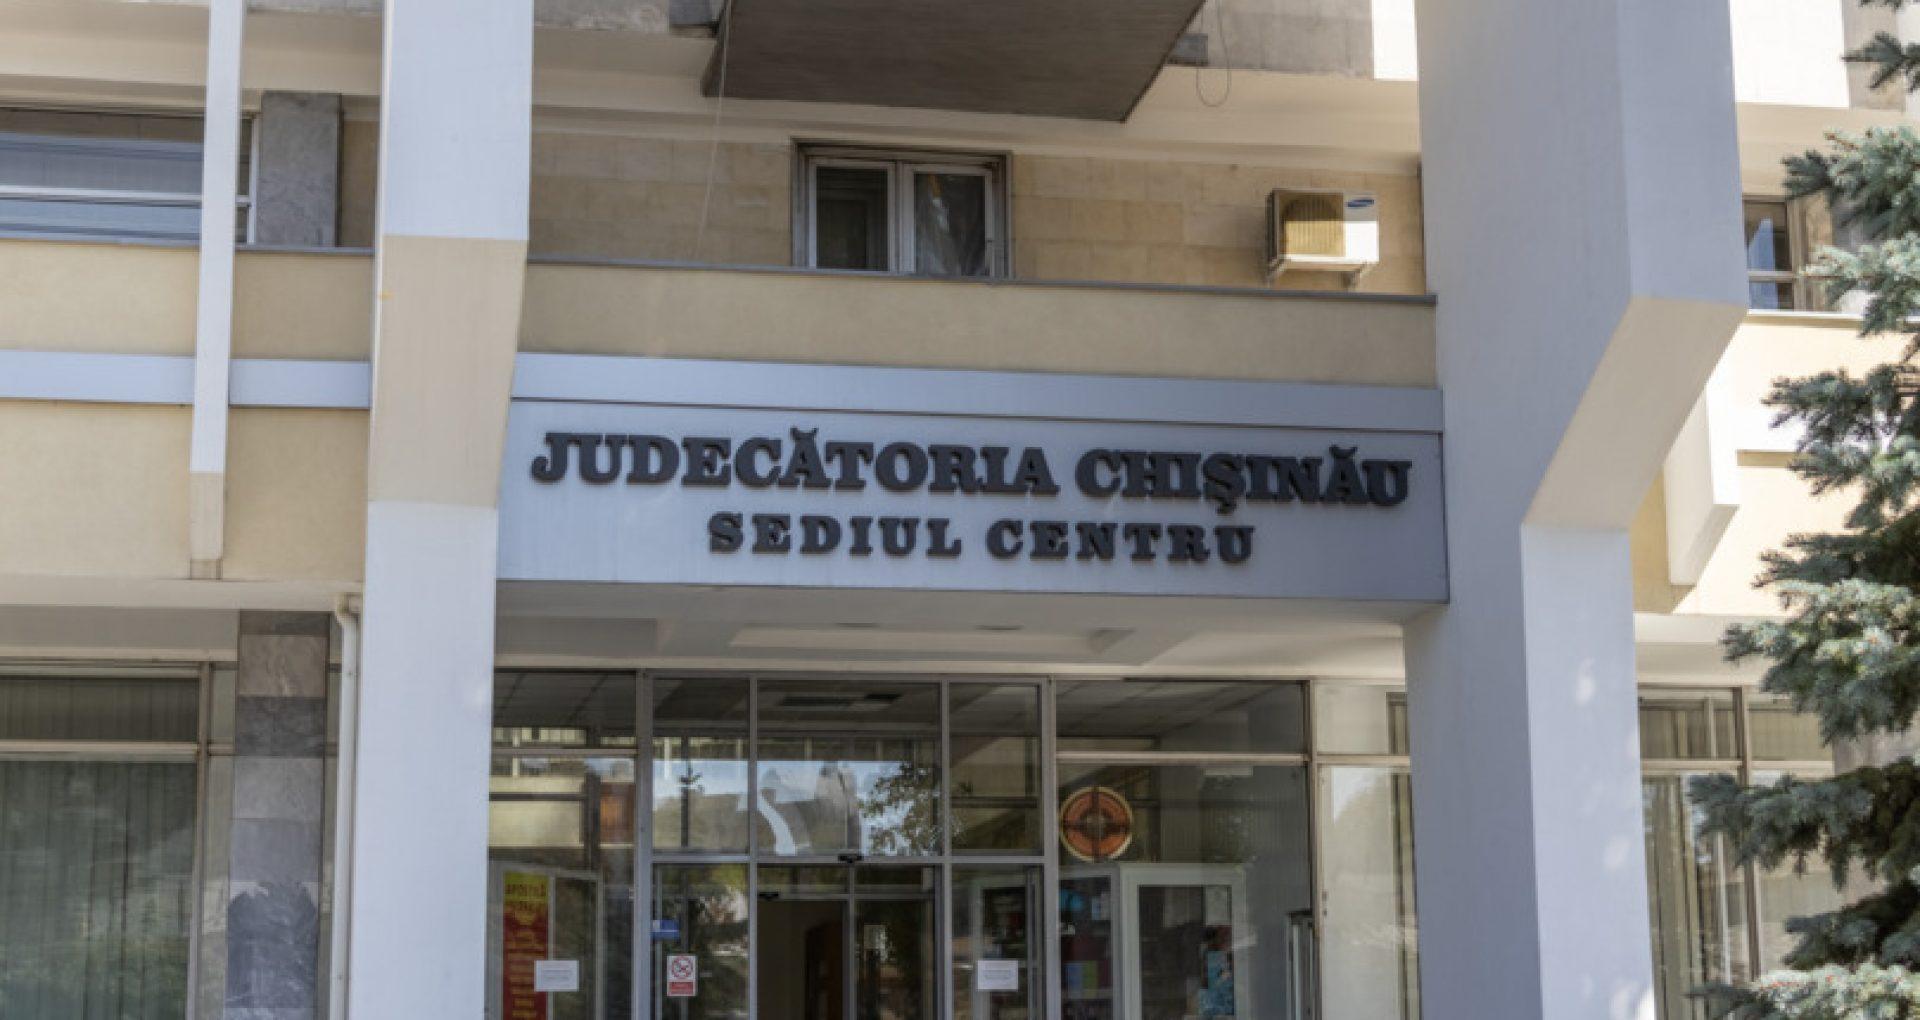 """DOC/ Un judecător îi solicită CSM-ului să ia act de informațiile privind remunerarea """"inechitabilă"""" a funcționarilor din cadrul secretariatului Judecătoriei Chișinău și să efectueze un audit financiar în cadrul instanței, după ce ZdG a scris despre salariul de aproape 30 de mii de lei al șefei secretariatului"""